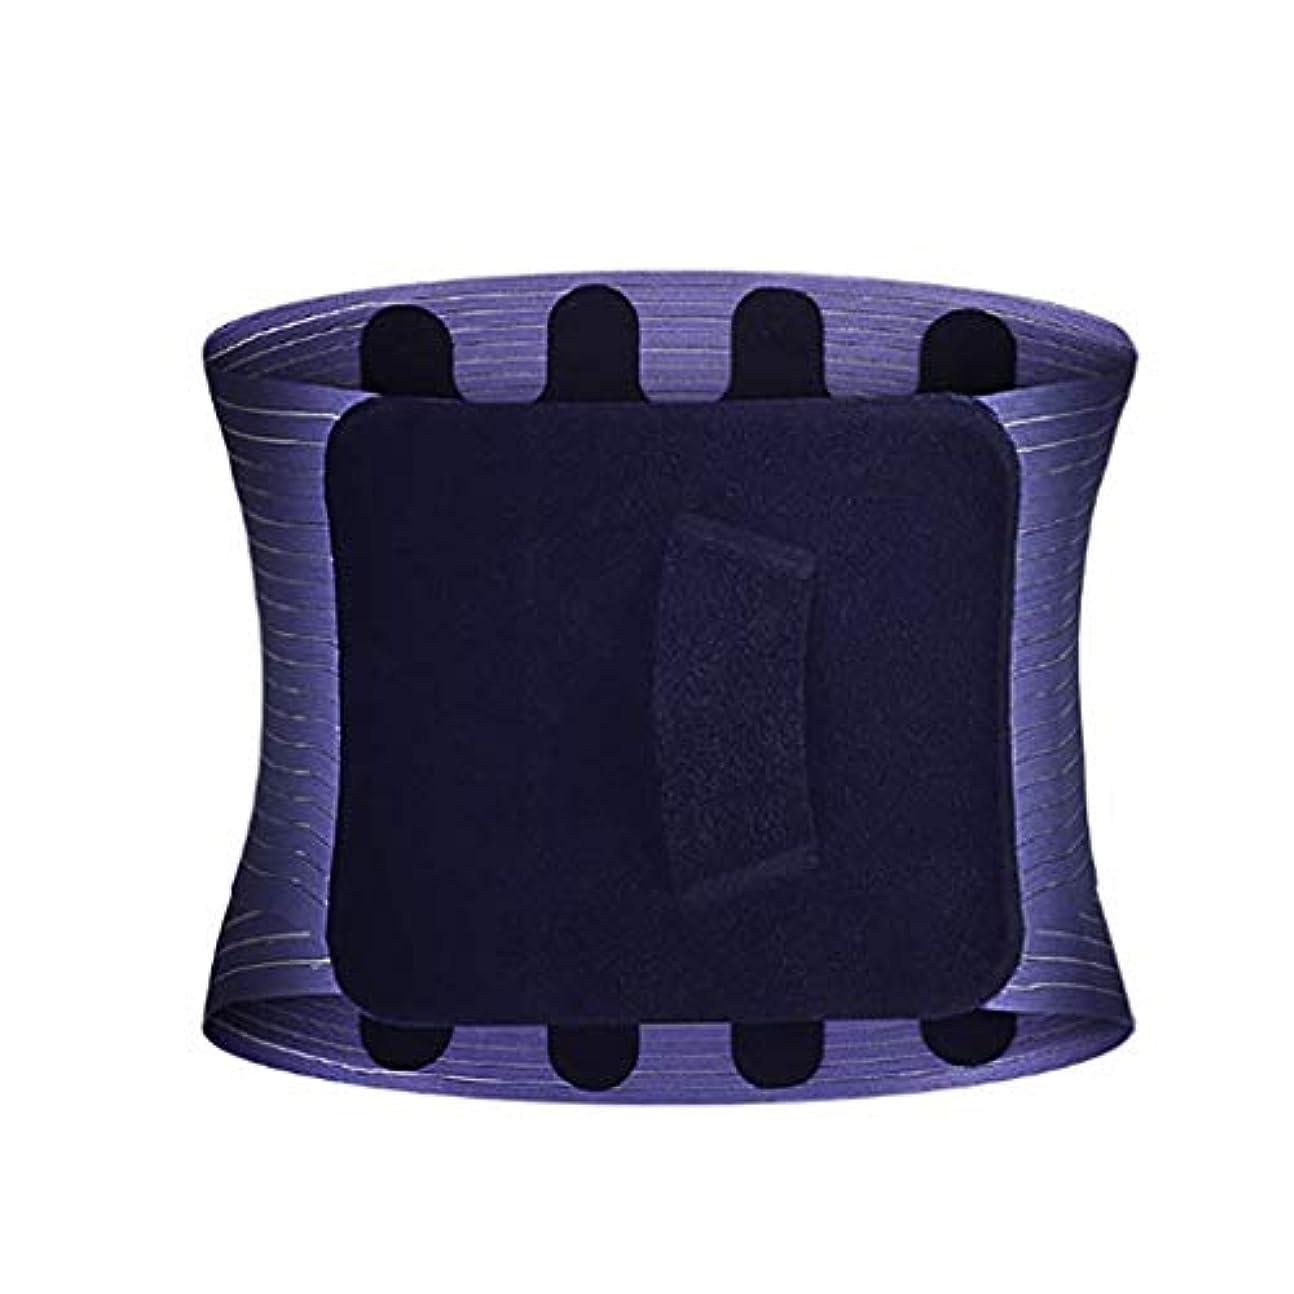 吸うクレジットジュニアウエスト補正ベルト、バック/ウエスト暖かさ、ウエストサポートベルト、通気性ベルト、メンズと女性のフィットネスベルト、ワーキング/スポーツ/フィットネスに適した、痛みを緩和、防止けが (Color : 黒, Size : L)